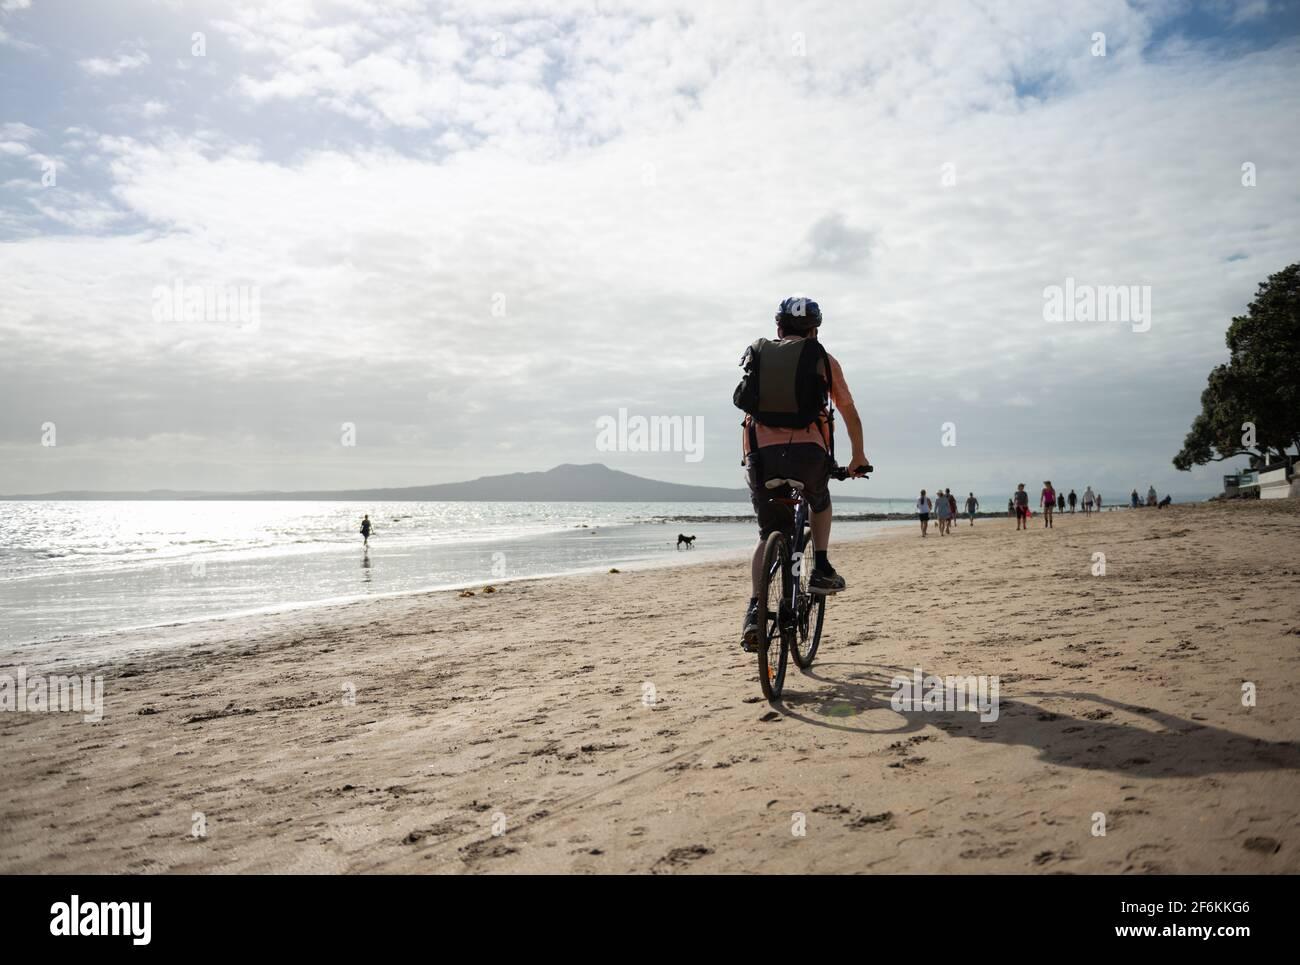 Un homme à vélo sur la plage de Milford avec l'île Rangitoto au loin. Les gens et les chiens qui marchent sur la plage ne sont pas très bien. Banque D'Images